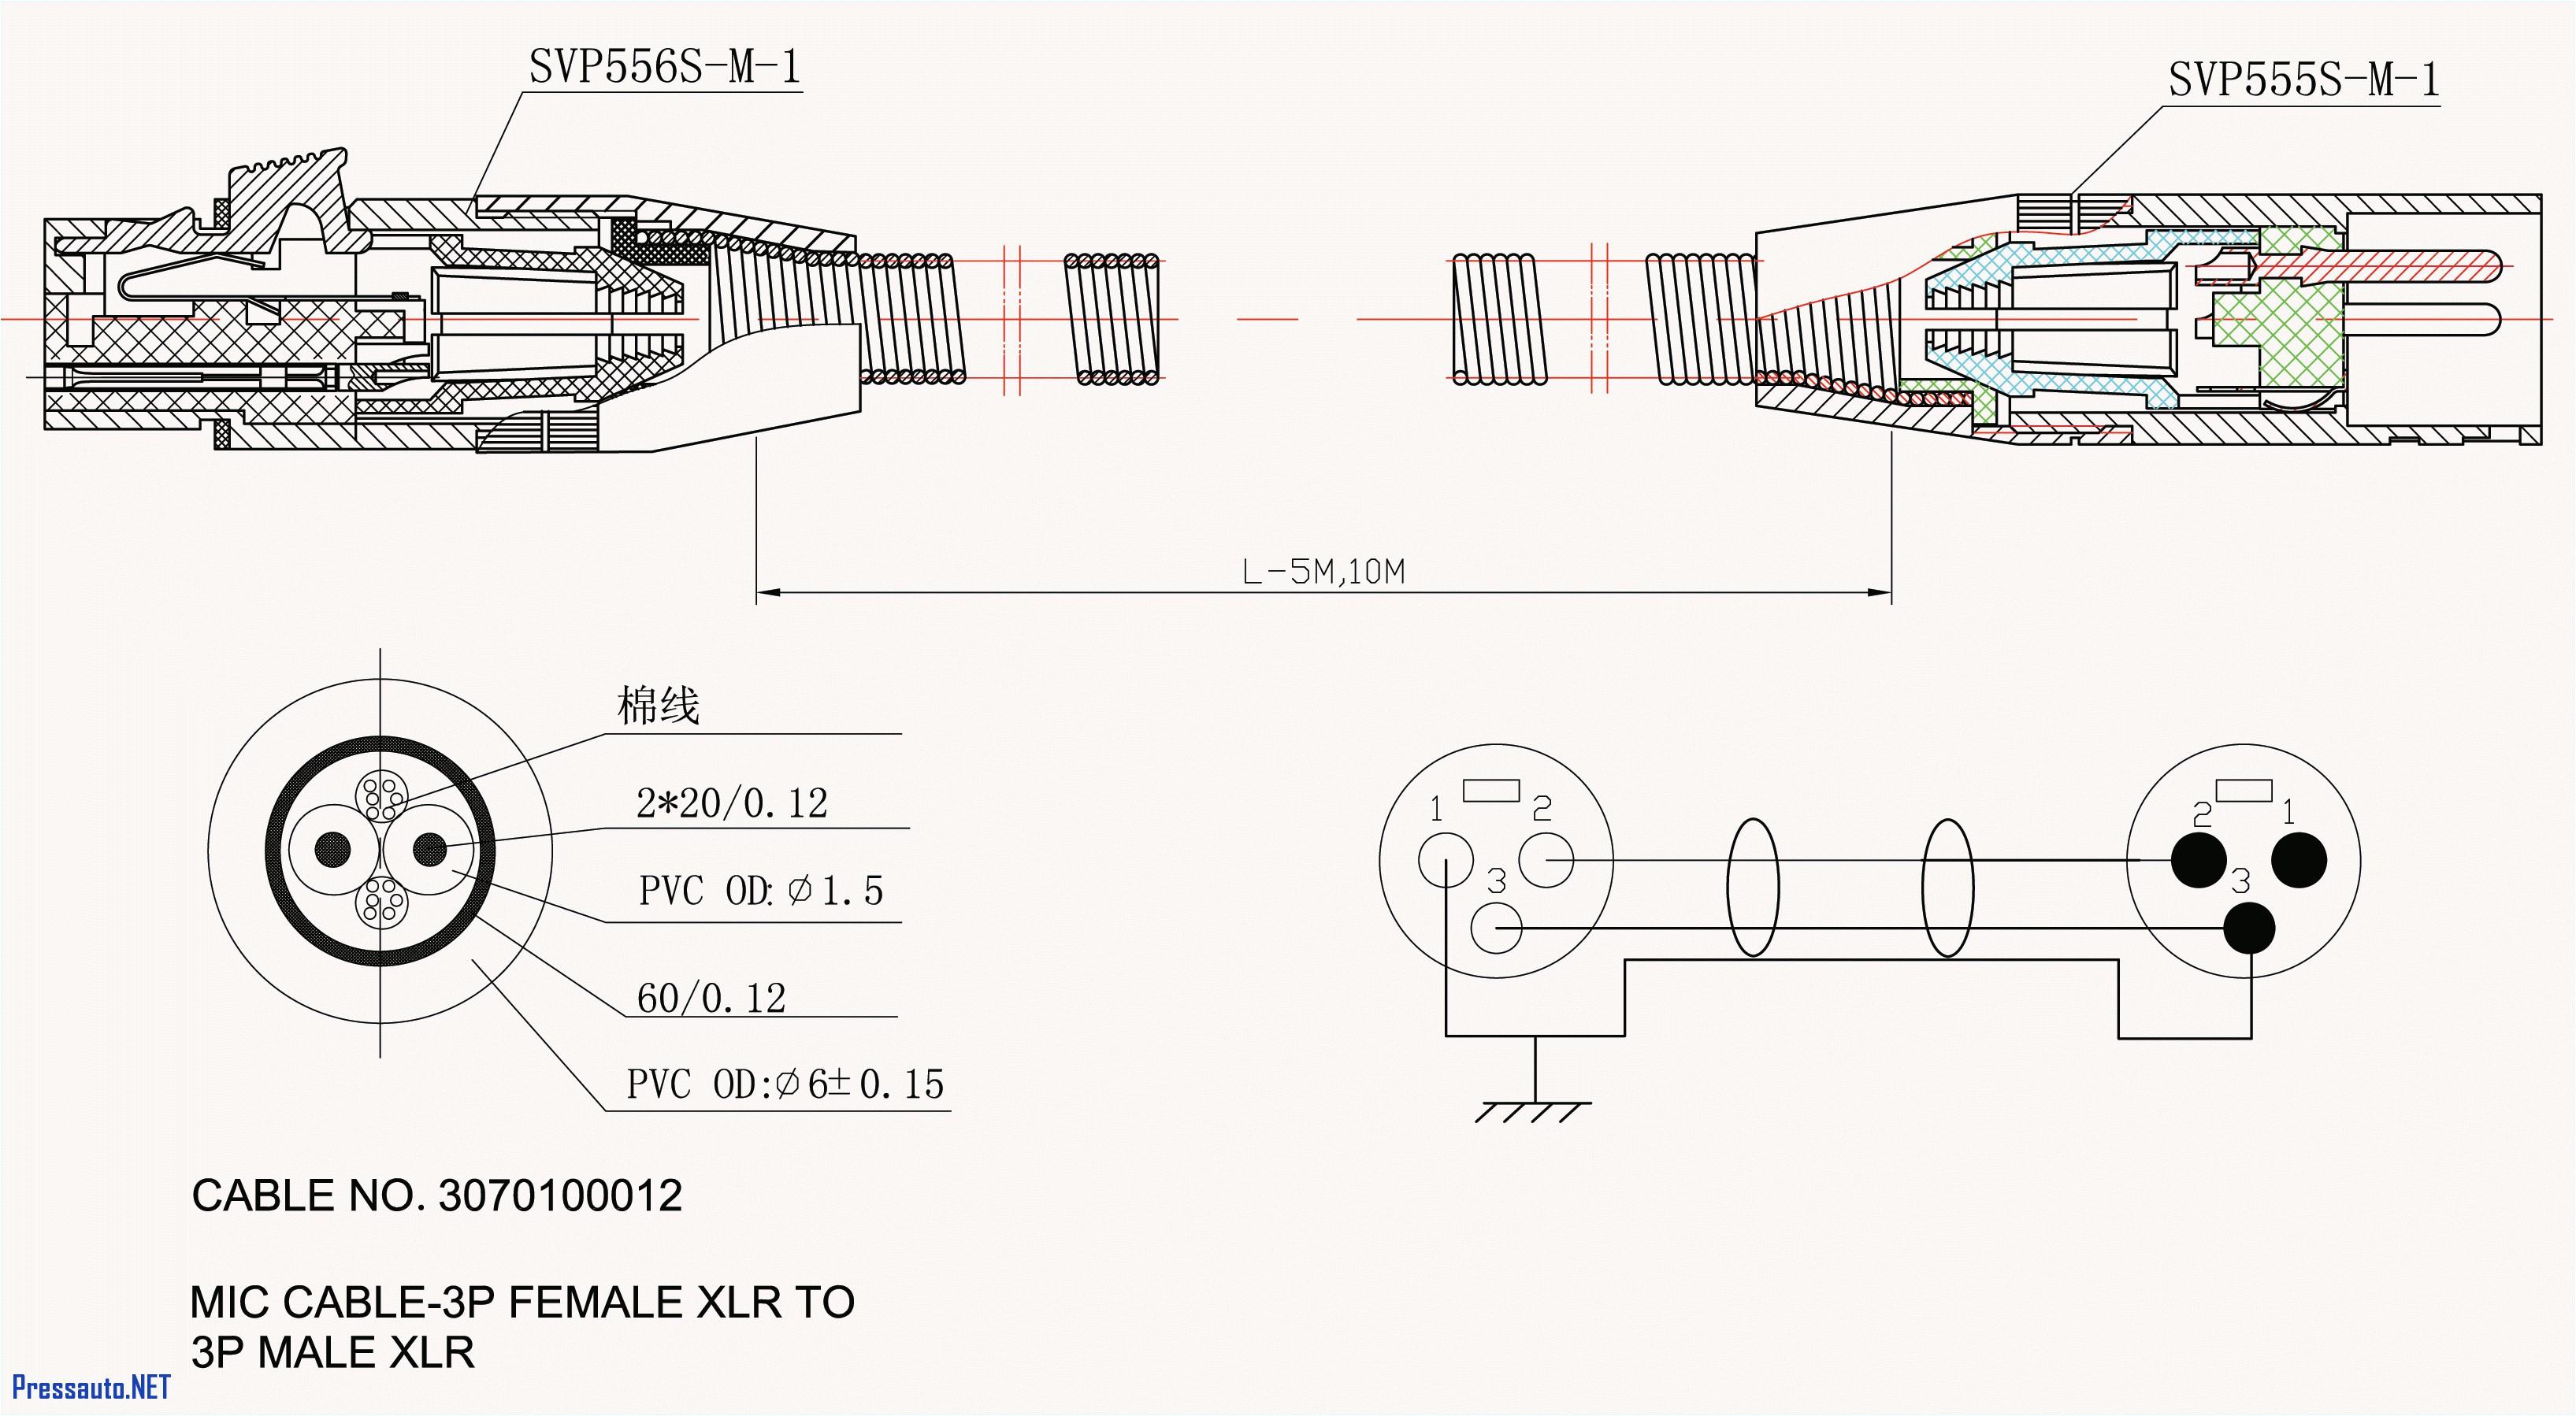 massey ferguson 135 wiring diagram dynamo